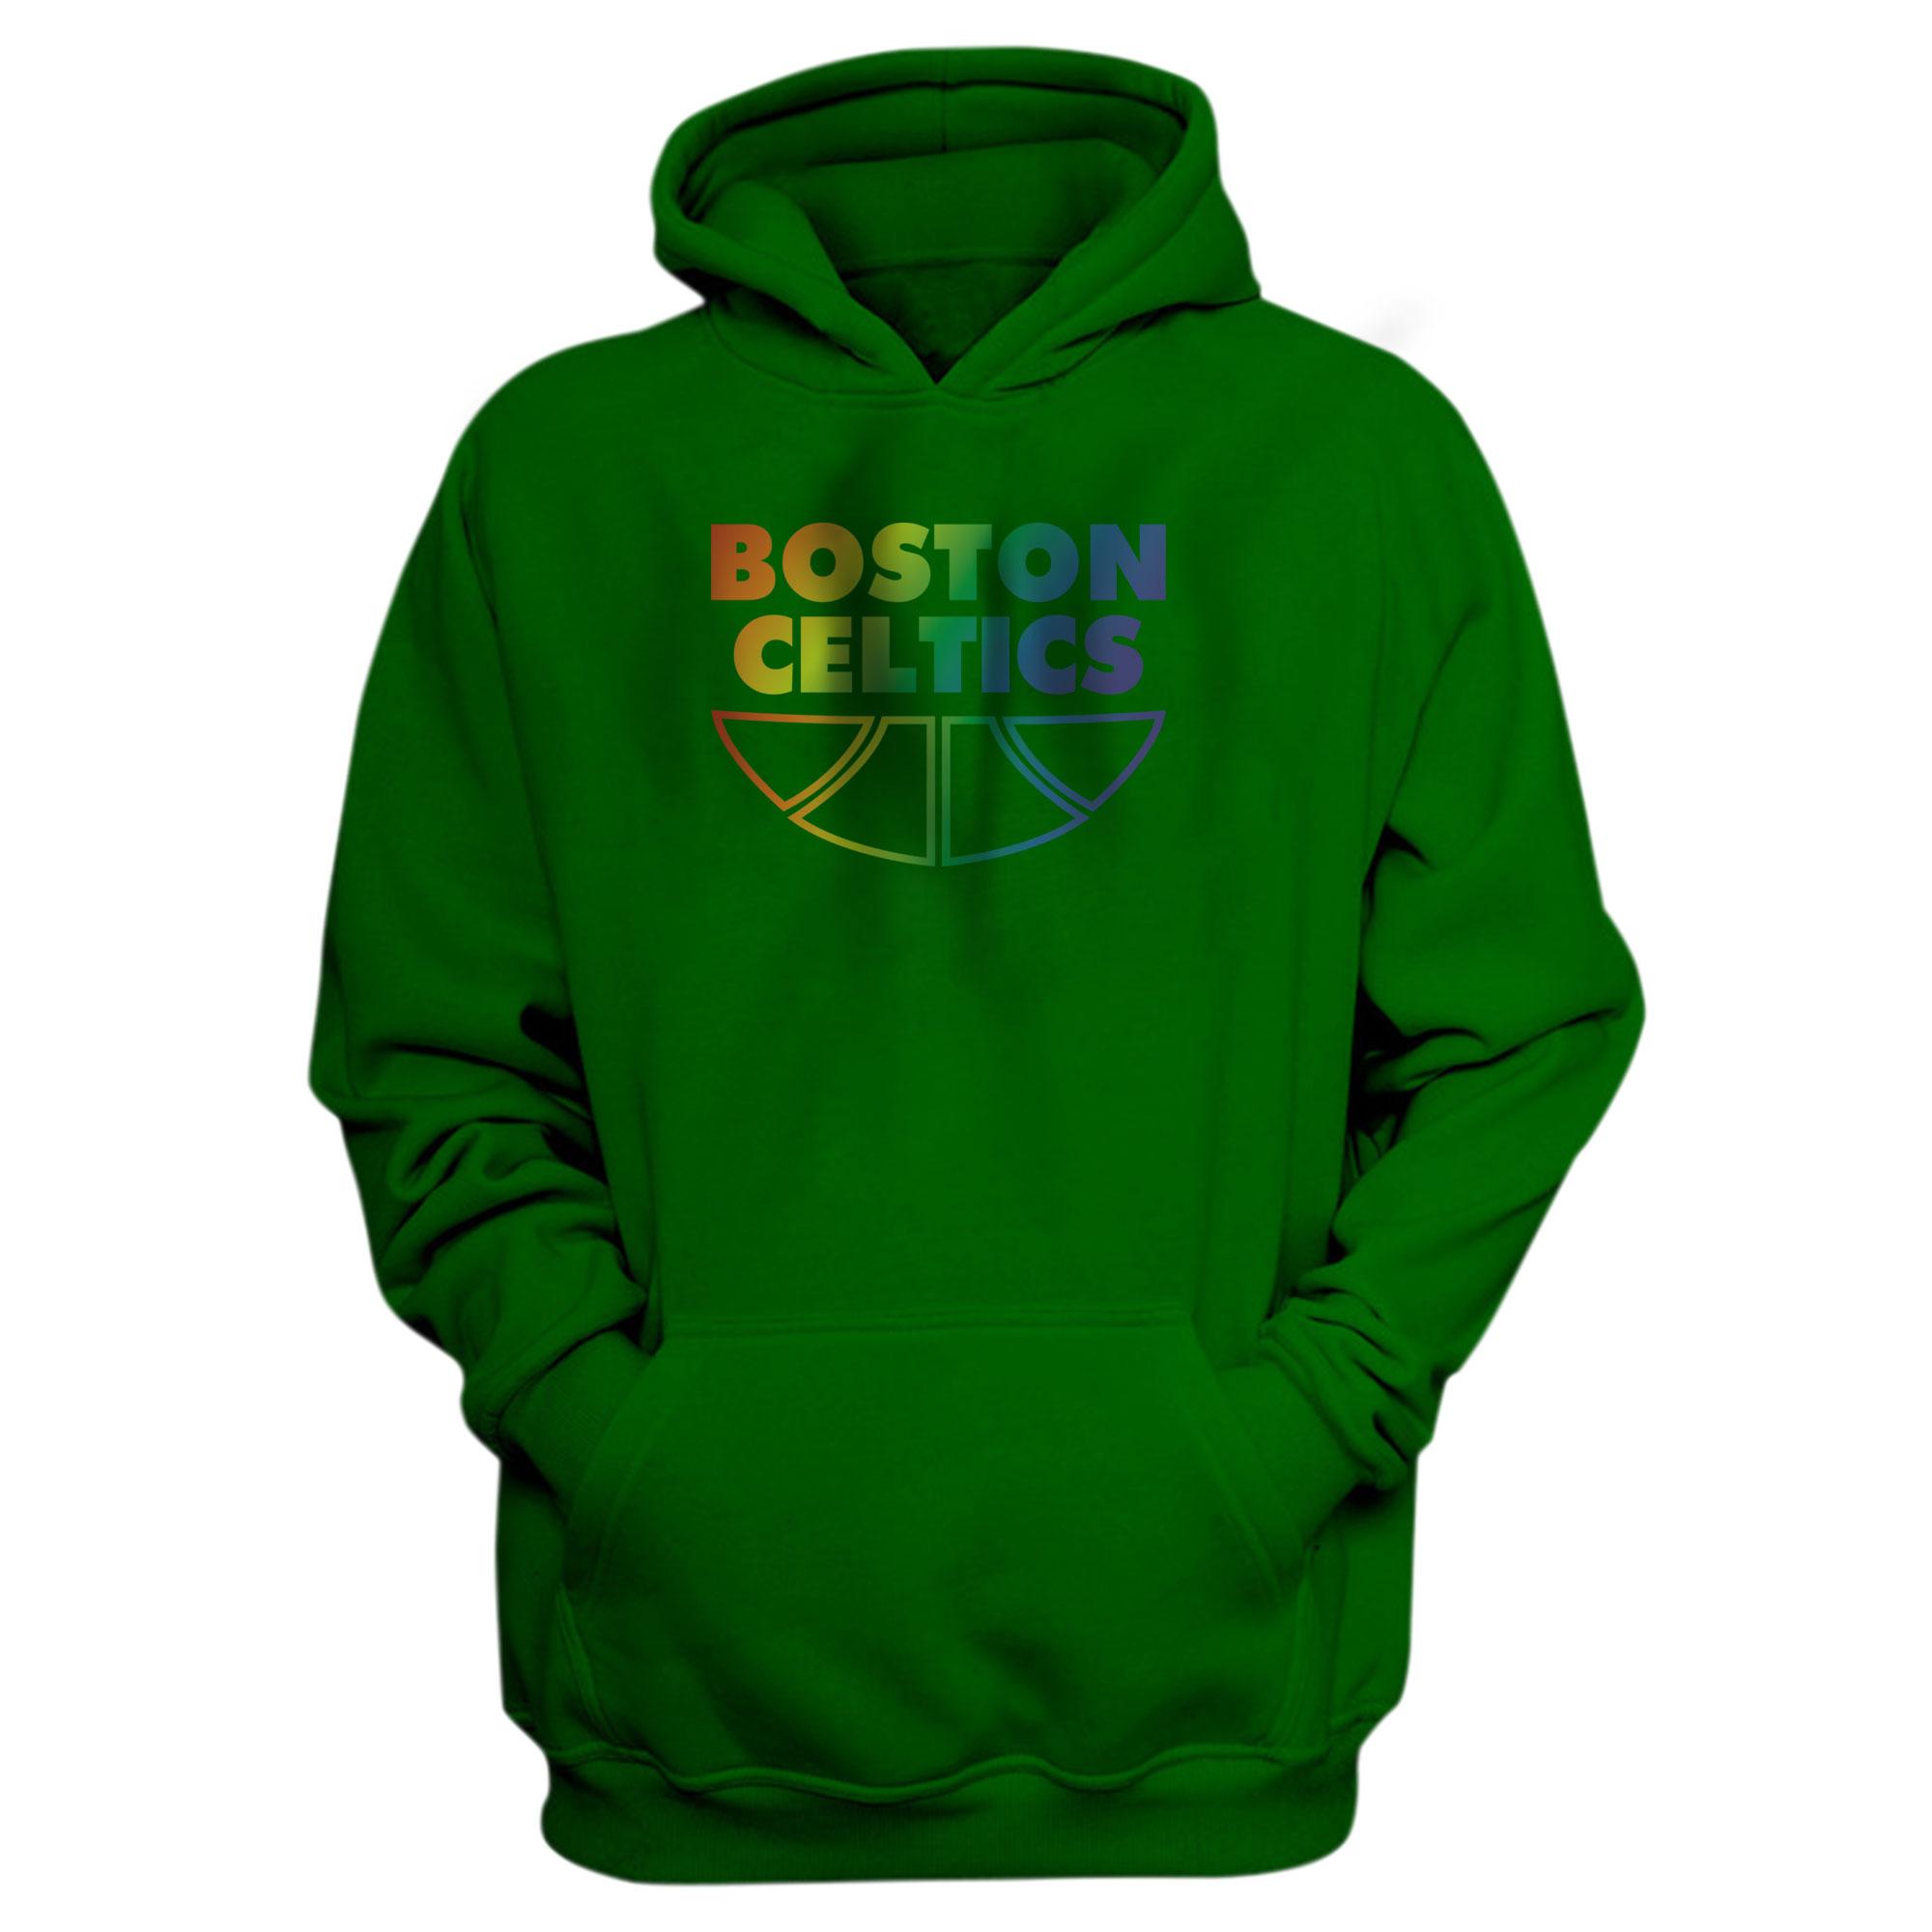 Boston Celtics Hoodie (HD-GRN-503-NBA-CEL)